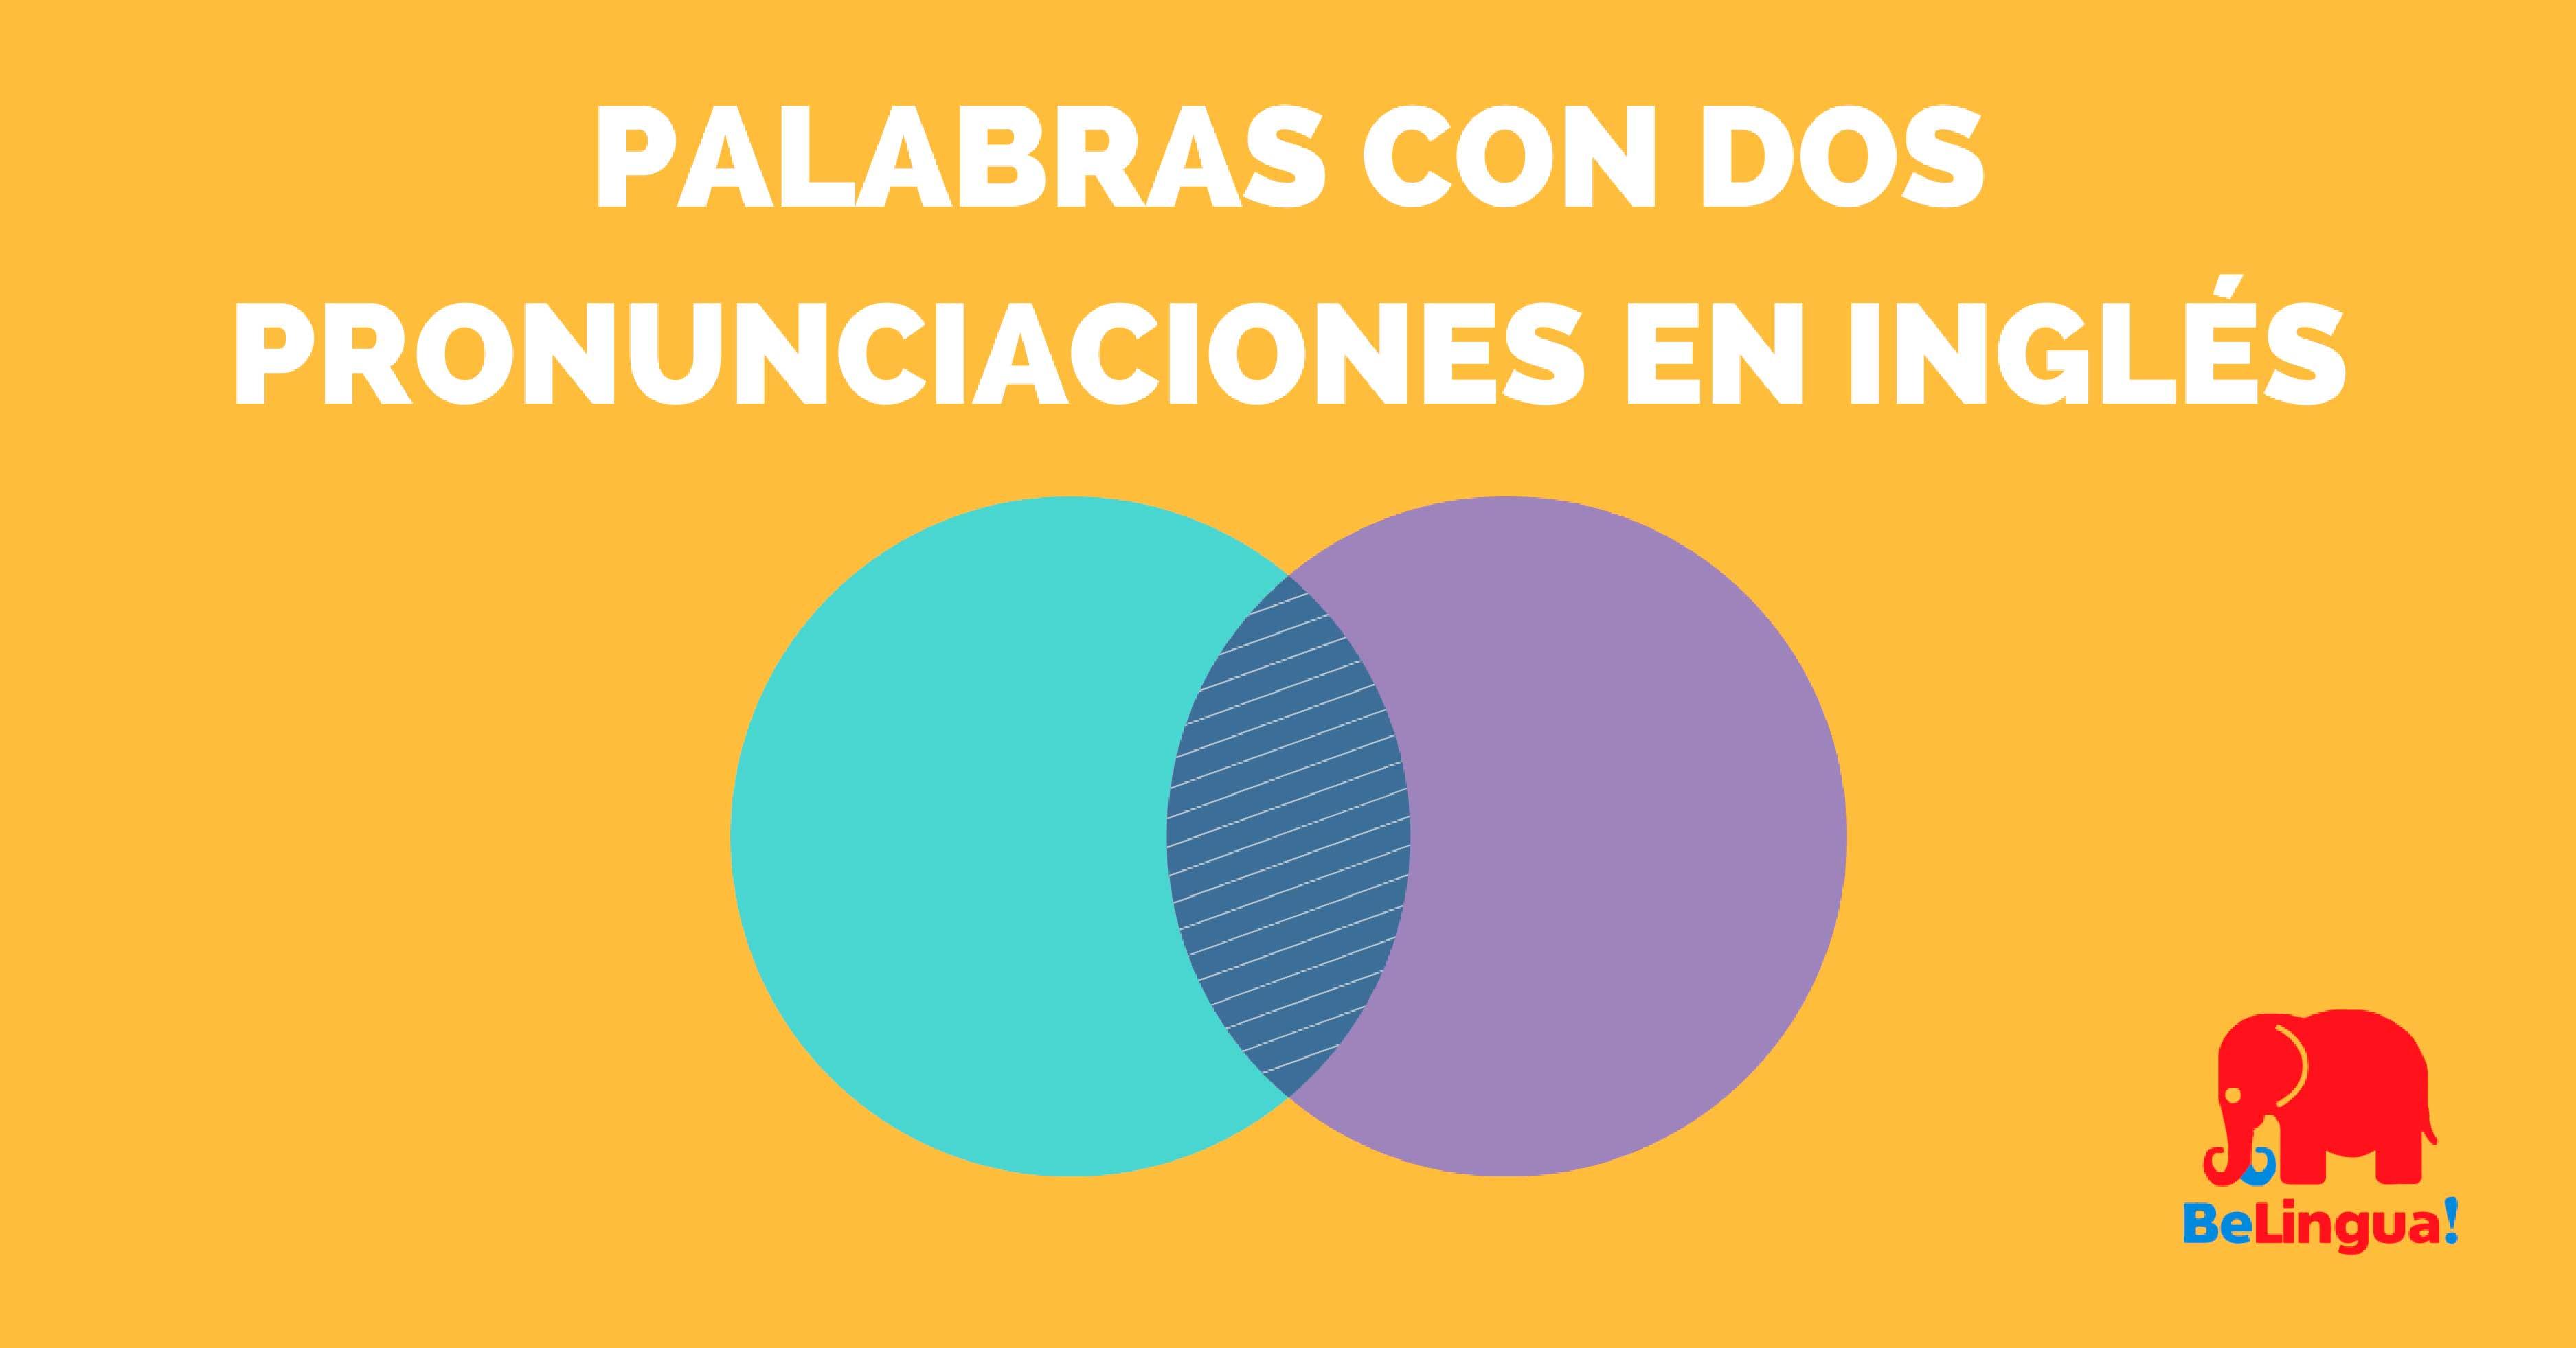 Palabras con dos pronunciaciones en inglés - Academia BeLingua